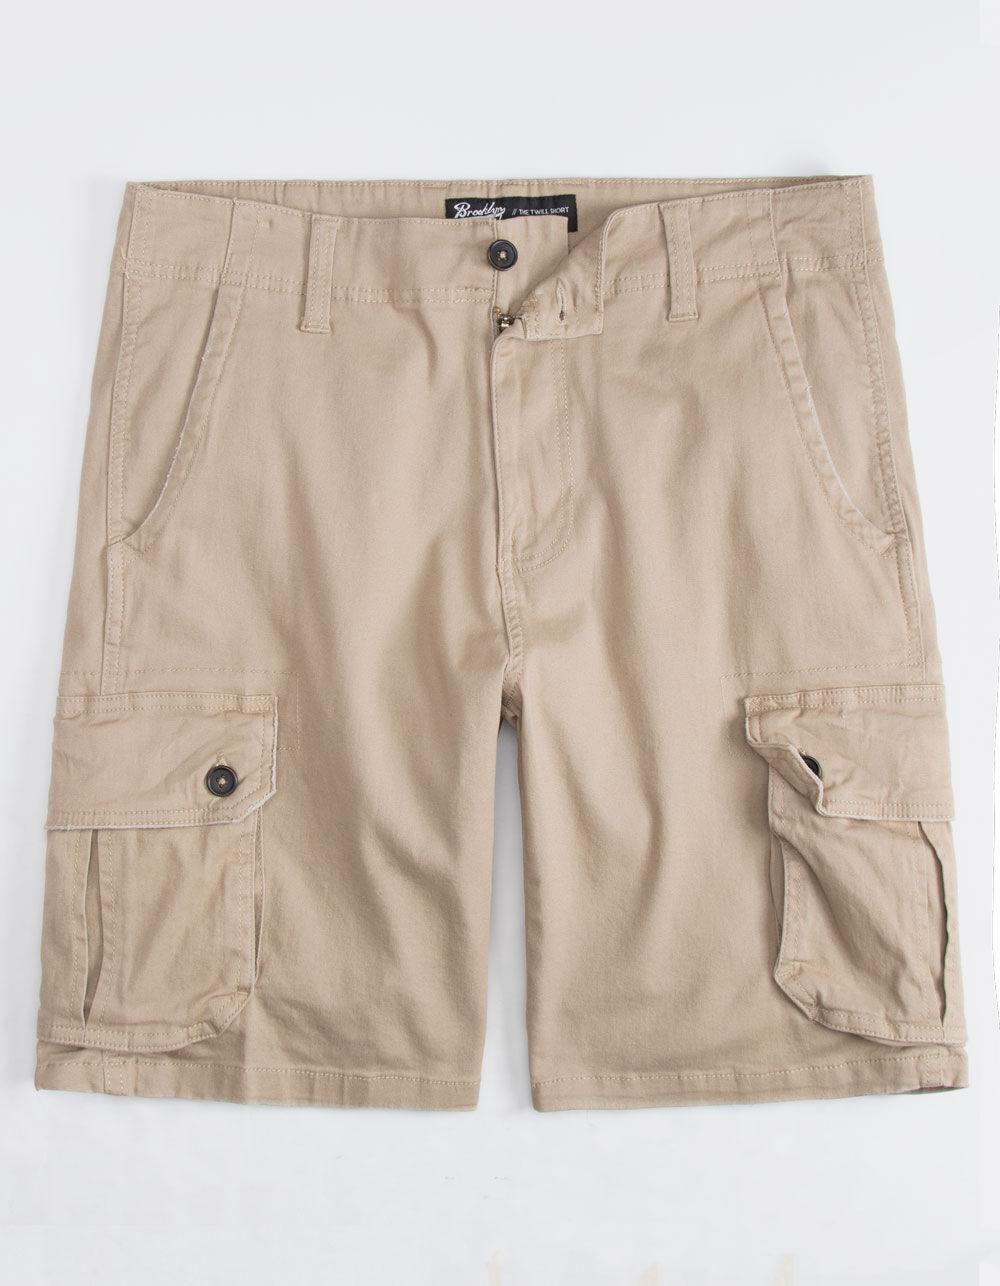 BROOKLYN CLOTH Khaki Cargo Shorts